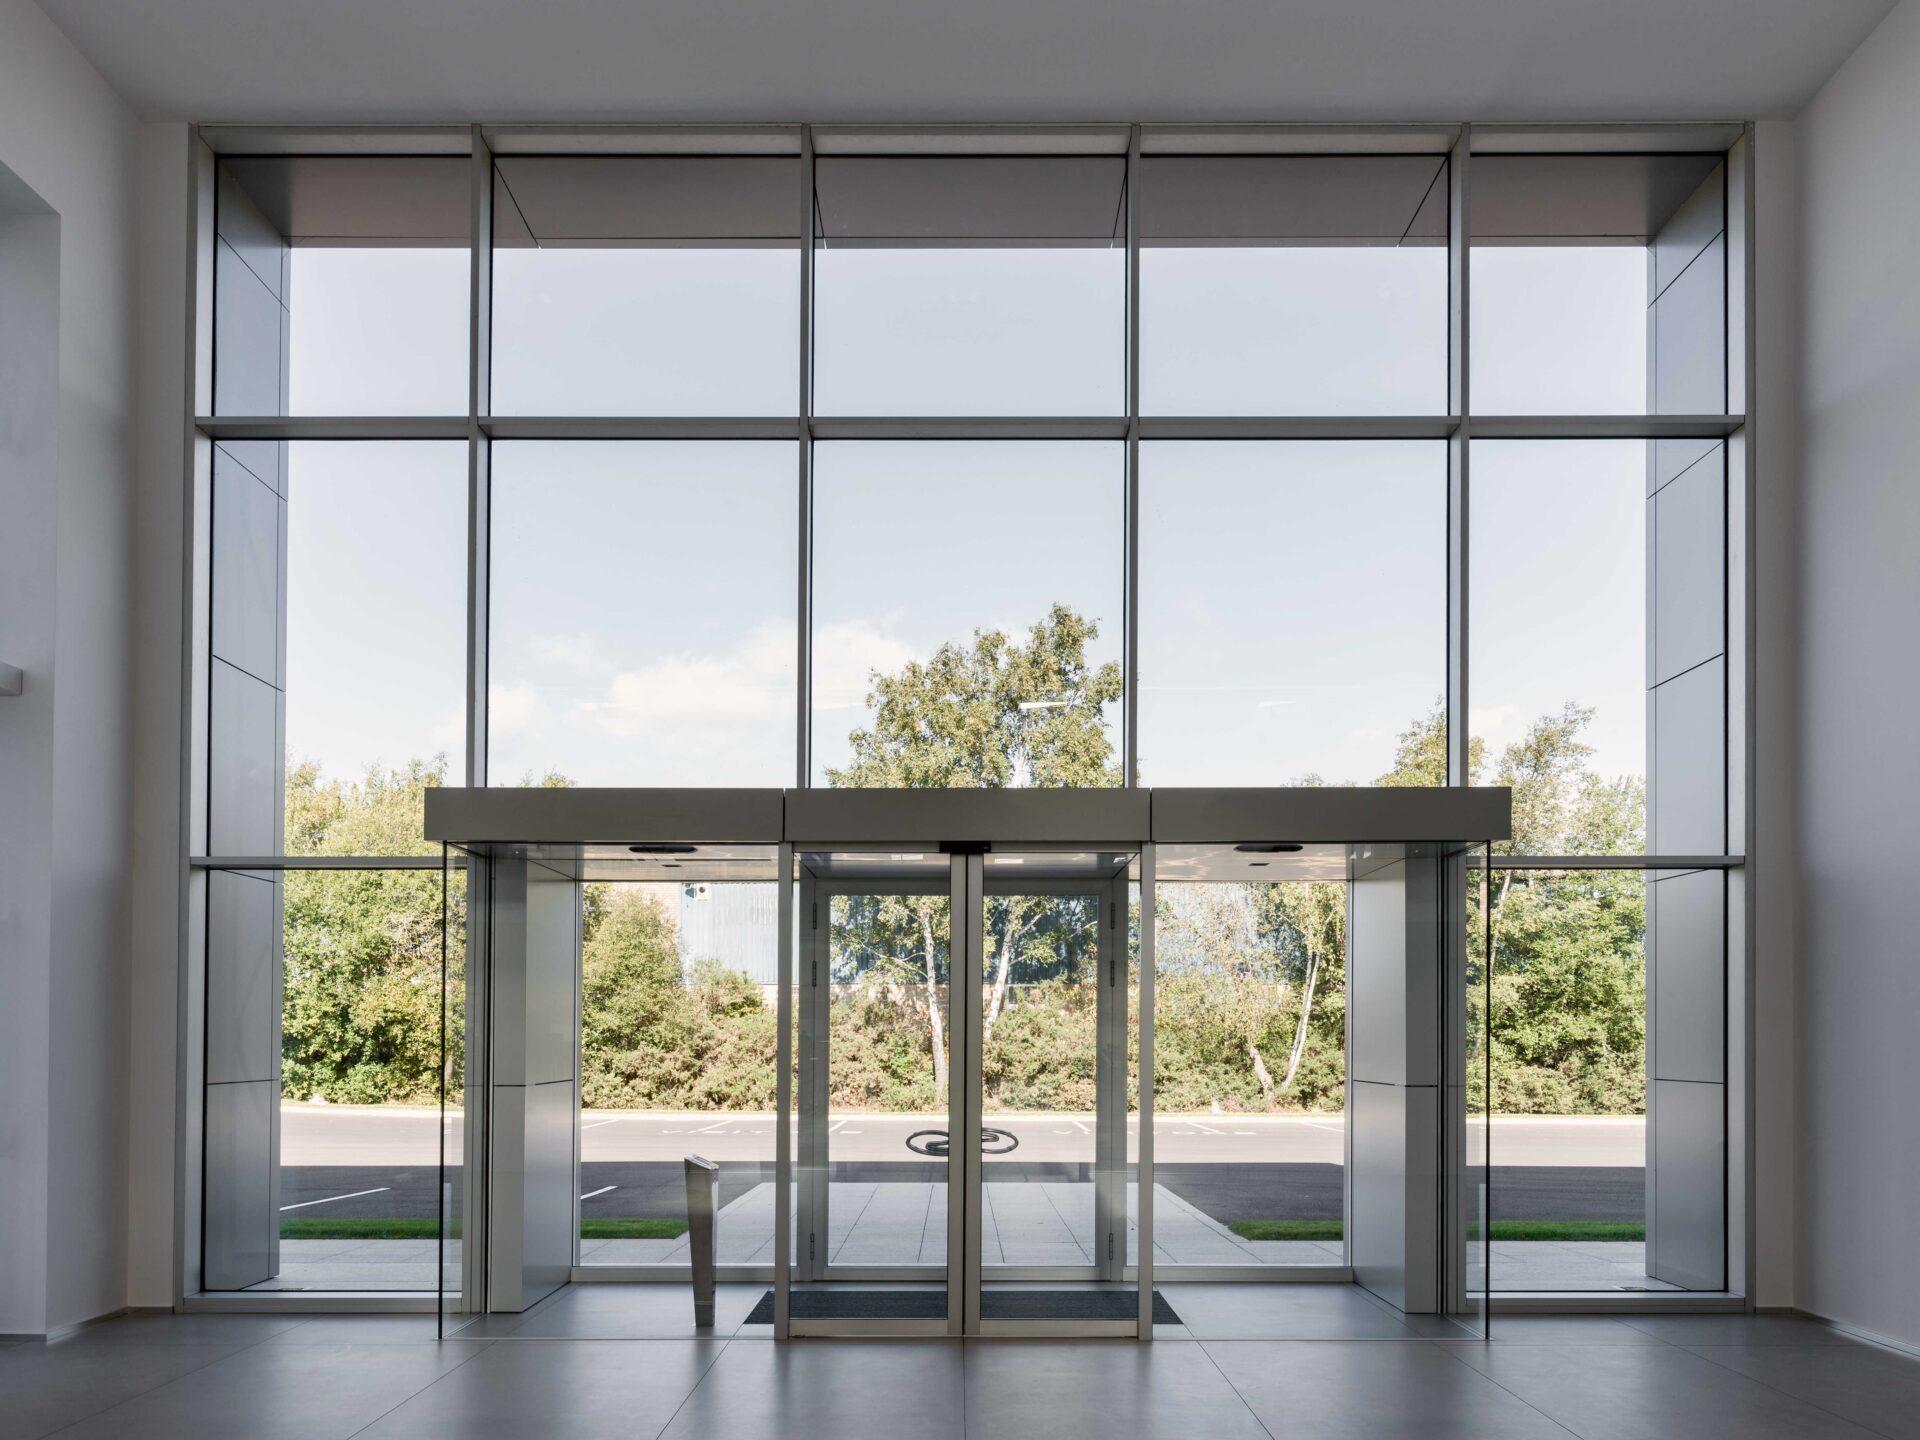 Nella hall di ingresso del polo industriale Superior, Thema ha realizzato la doppia bussola in cui il peso della facciata principale dell'edificio è scaricato sul traverso che funge da portale.